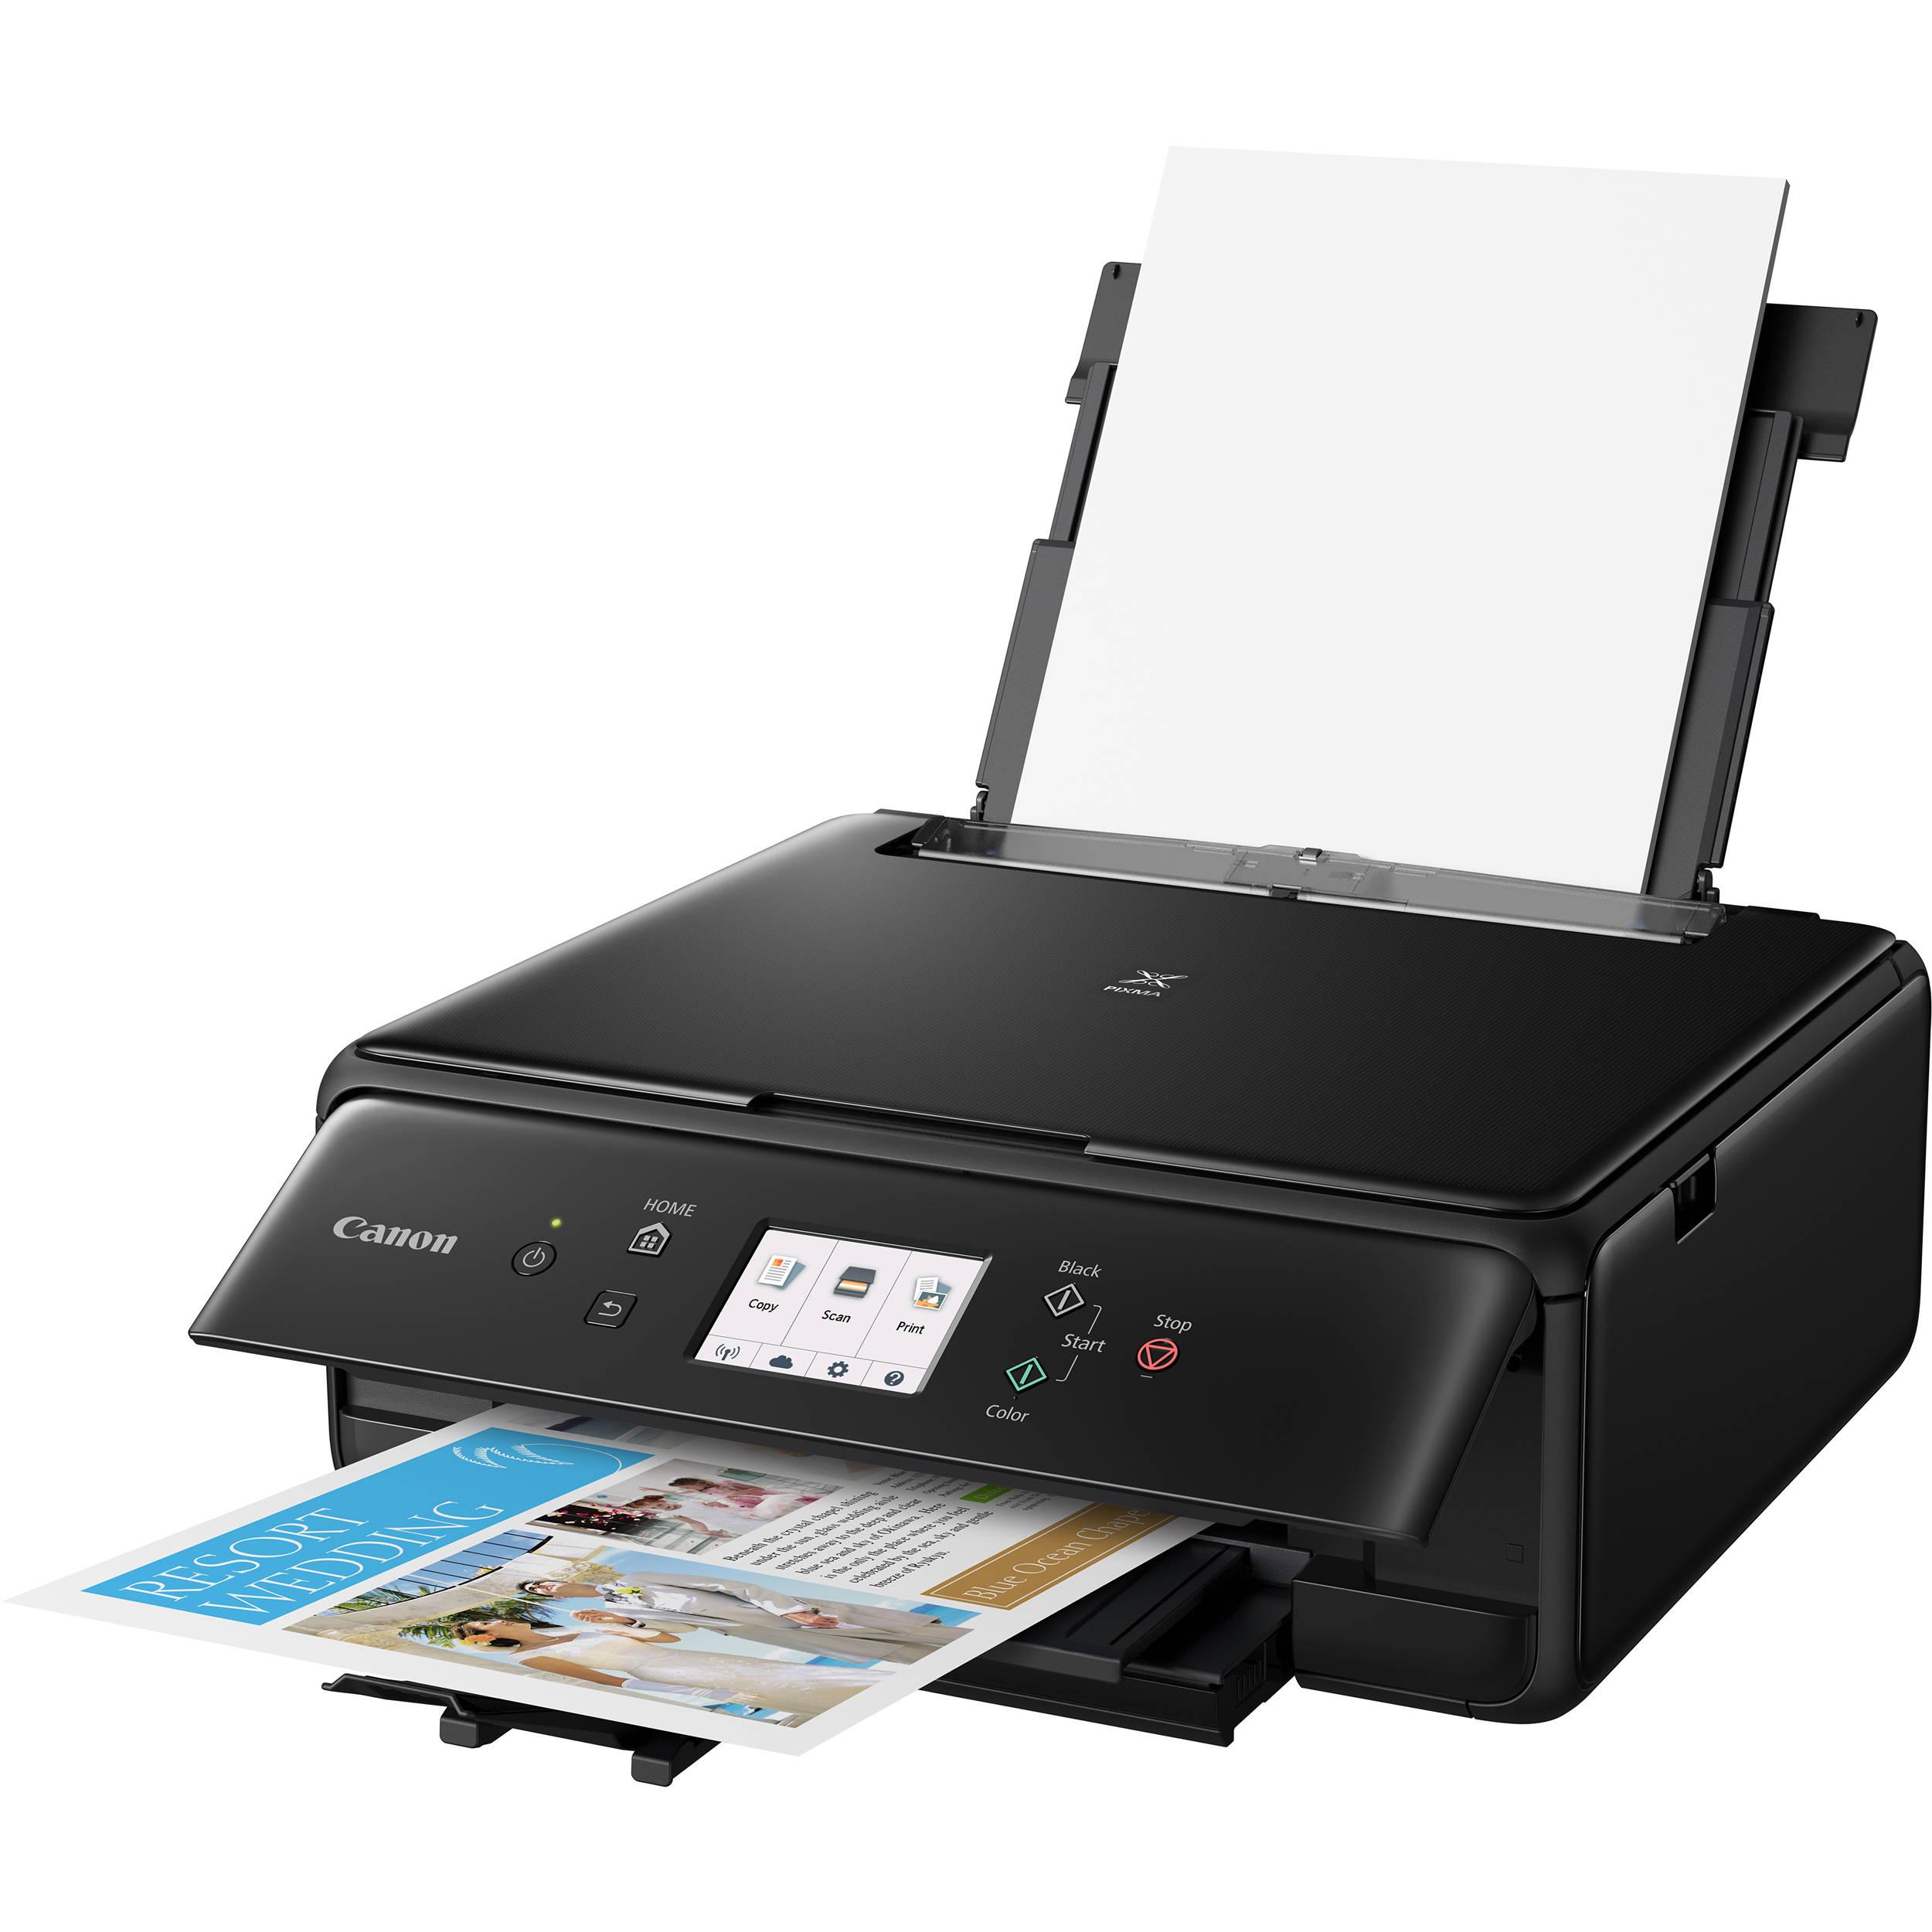 canon printer templates - canon pixma ts6120 wireless all in one inkjet printer 2229c002